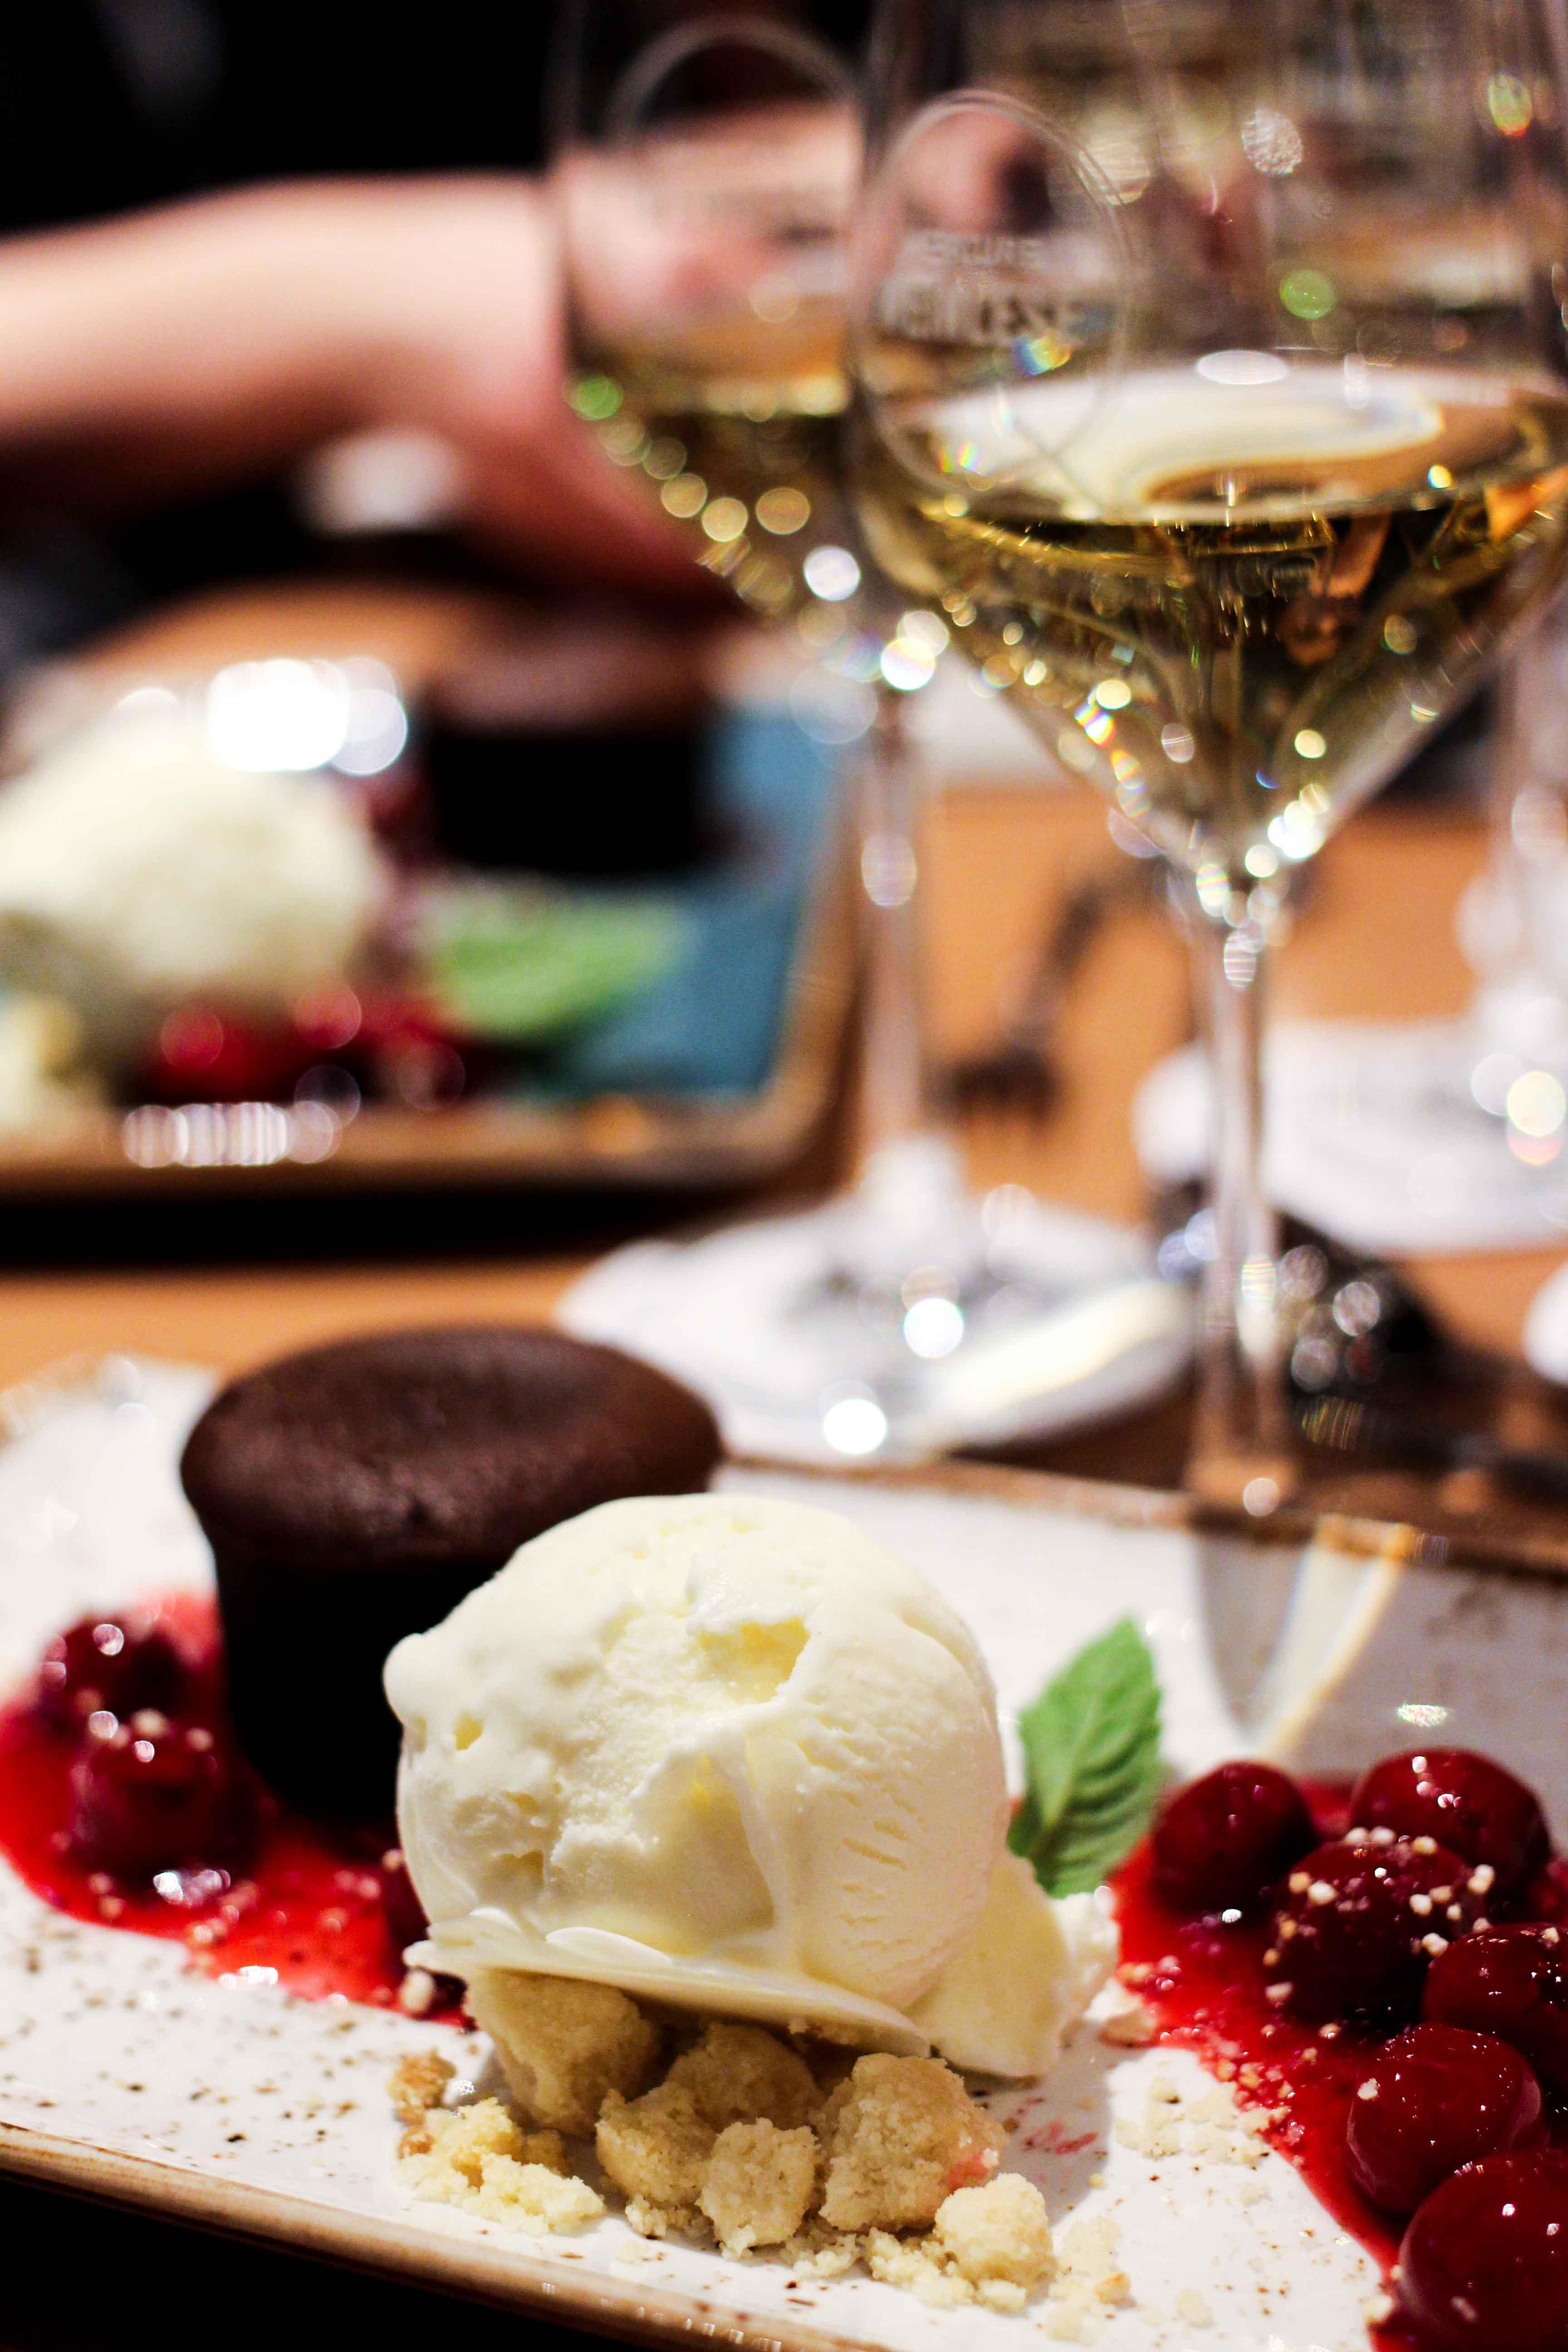 Mercure Weinlese Reiseblog Weinprobe Mannheim Nachtisch Schokokuchen Eis